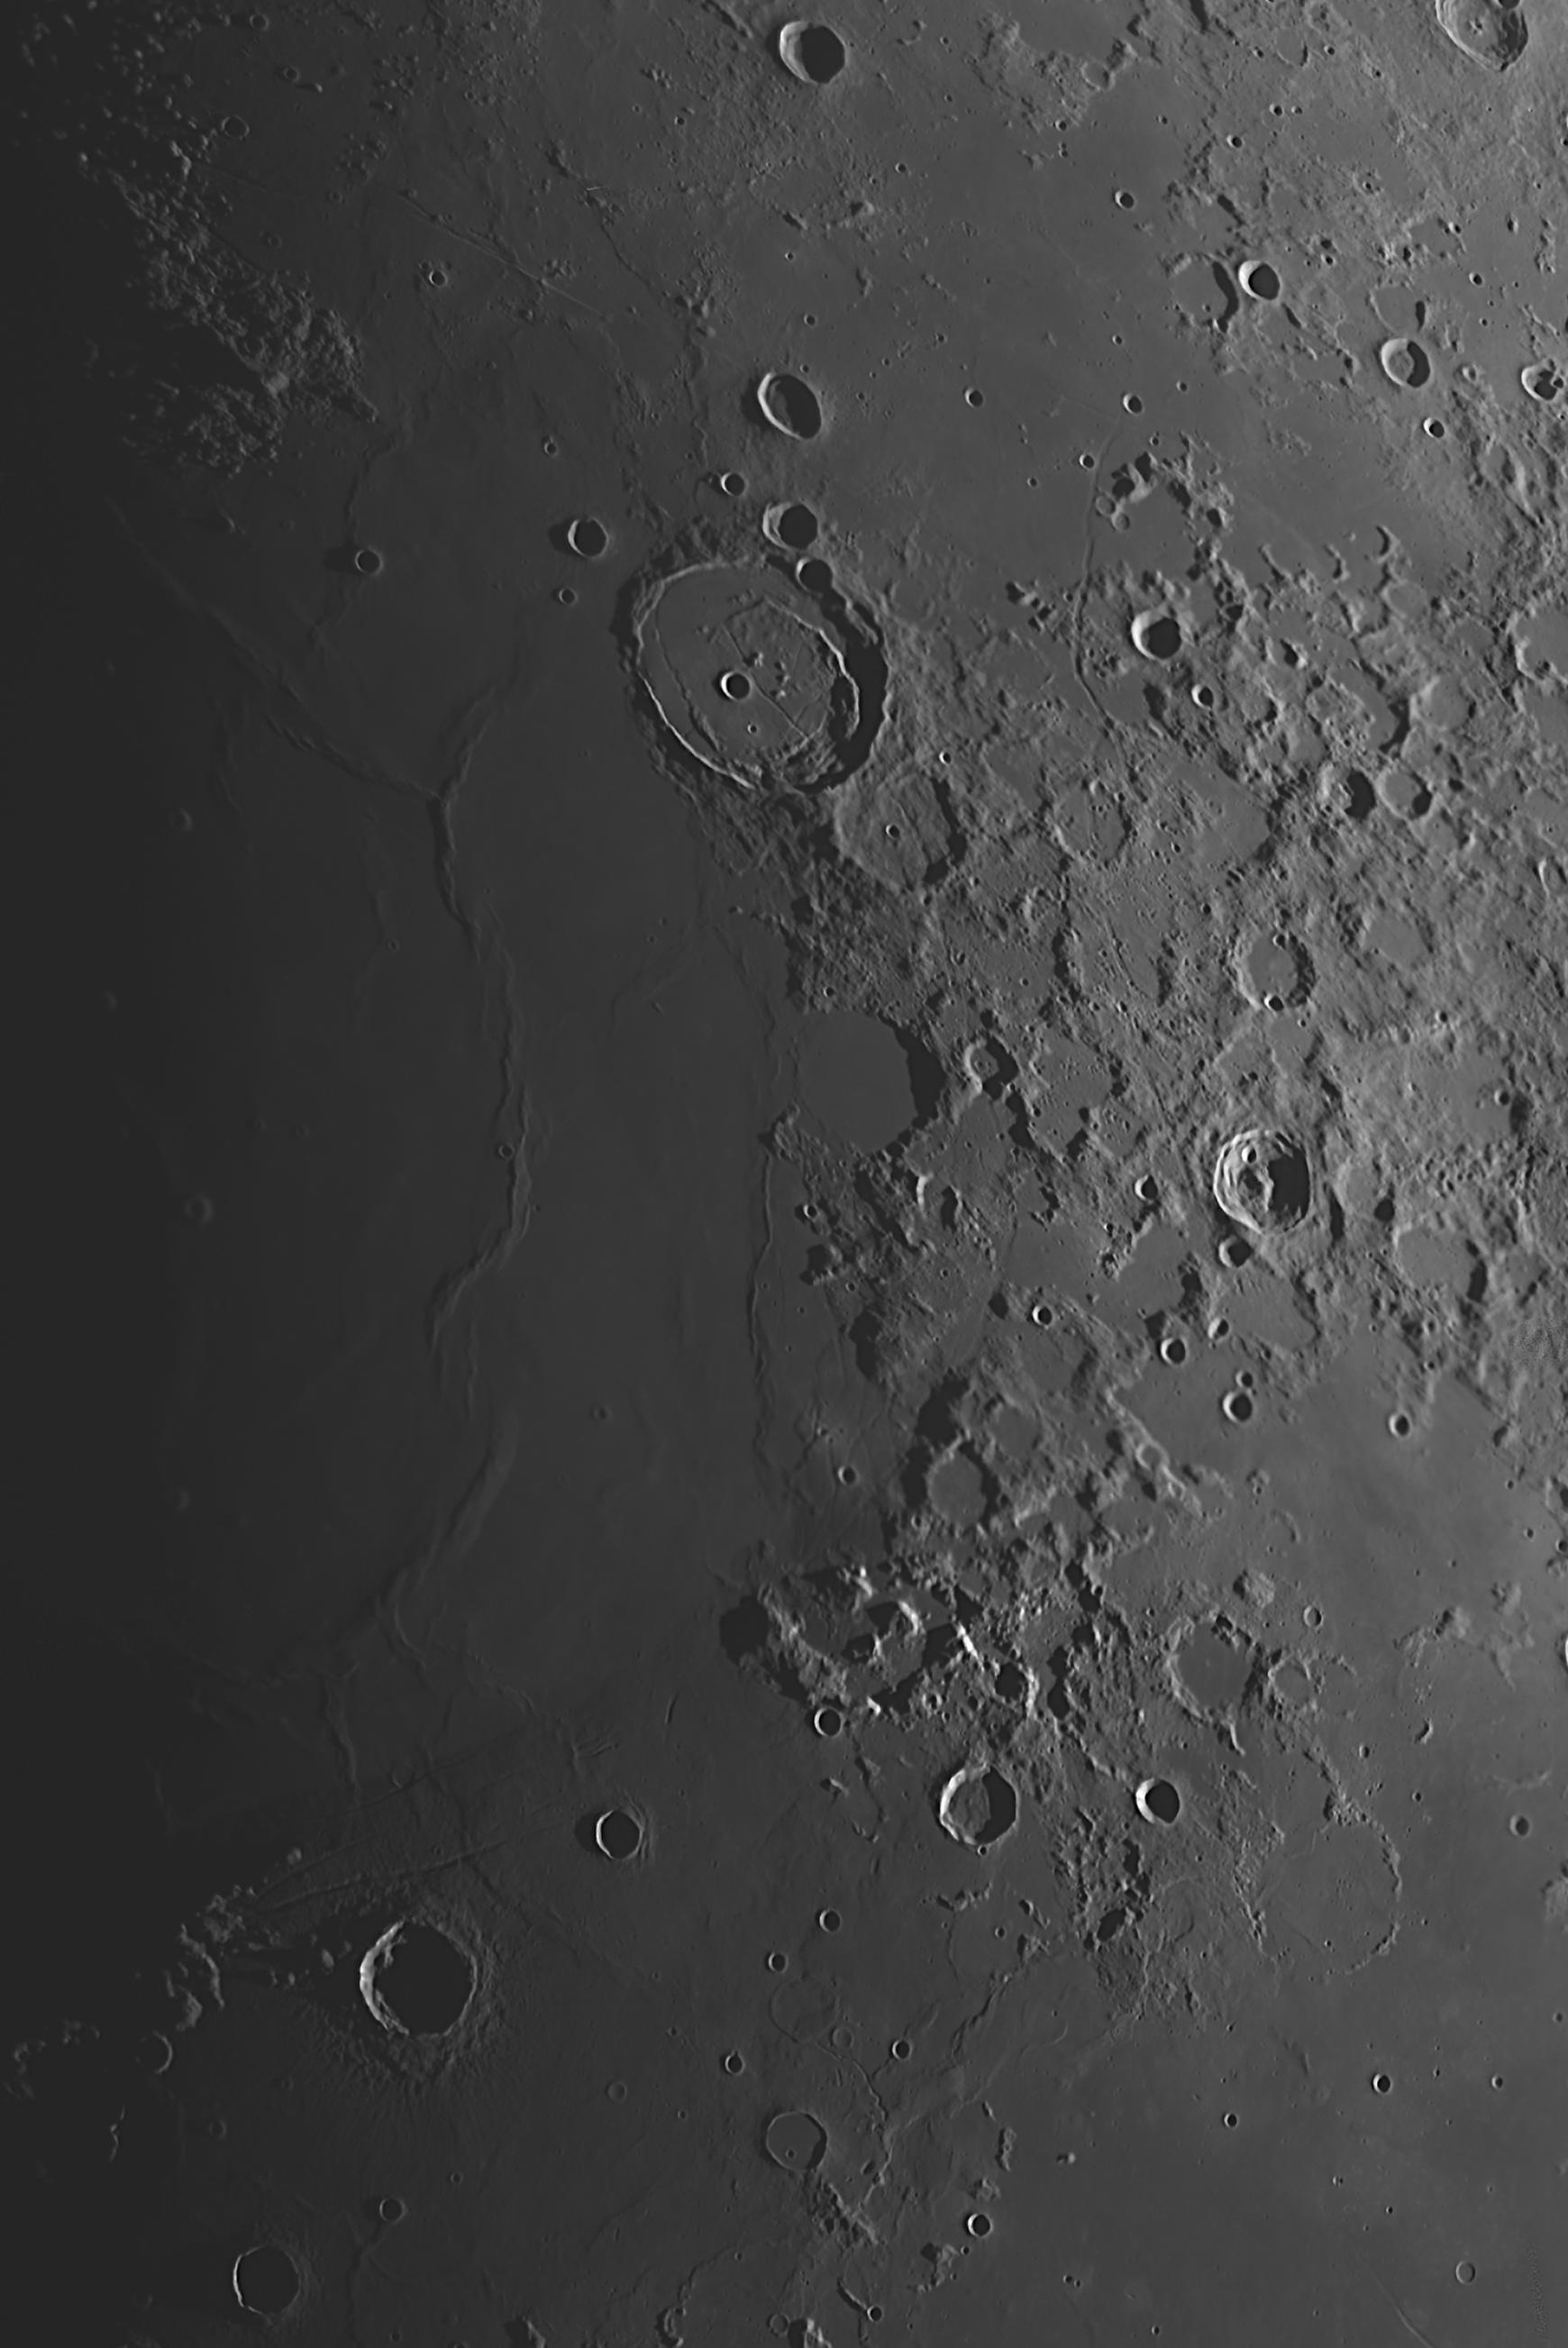 Kuun pintaa kuvattuna 24.4.2015 klo 20.50. SW400P, ASI174MM, ADC, 4x Powermate, IR-pass. Kuvaa hieman rajattu alkuperäisestä ja pohjoinen ylhäällä. Alkuperäinen havainto Taivaanvahdissa. Kuva: Ari Haavisto. Napsauttamalla saat kuvan suuremmaksi.